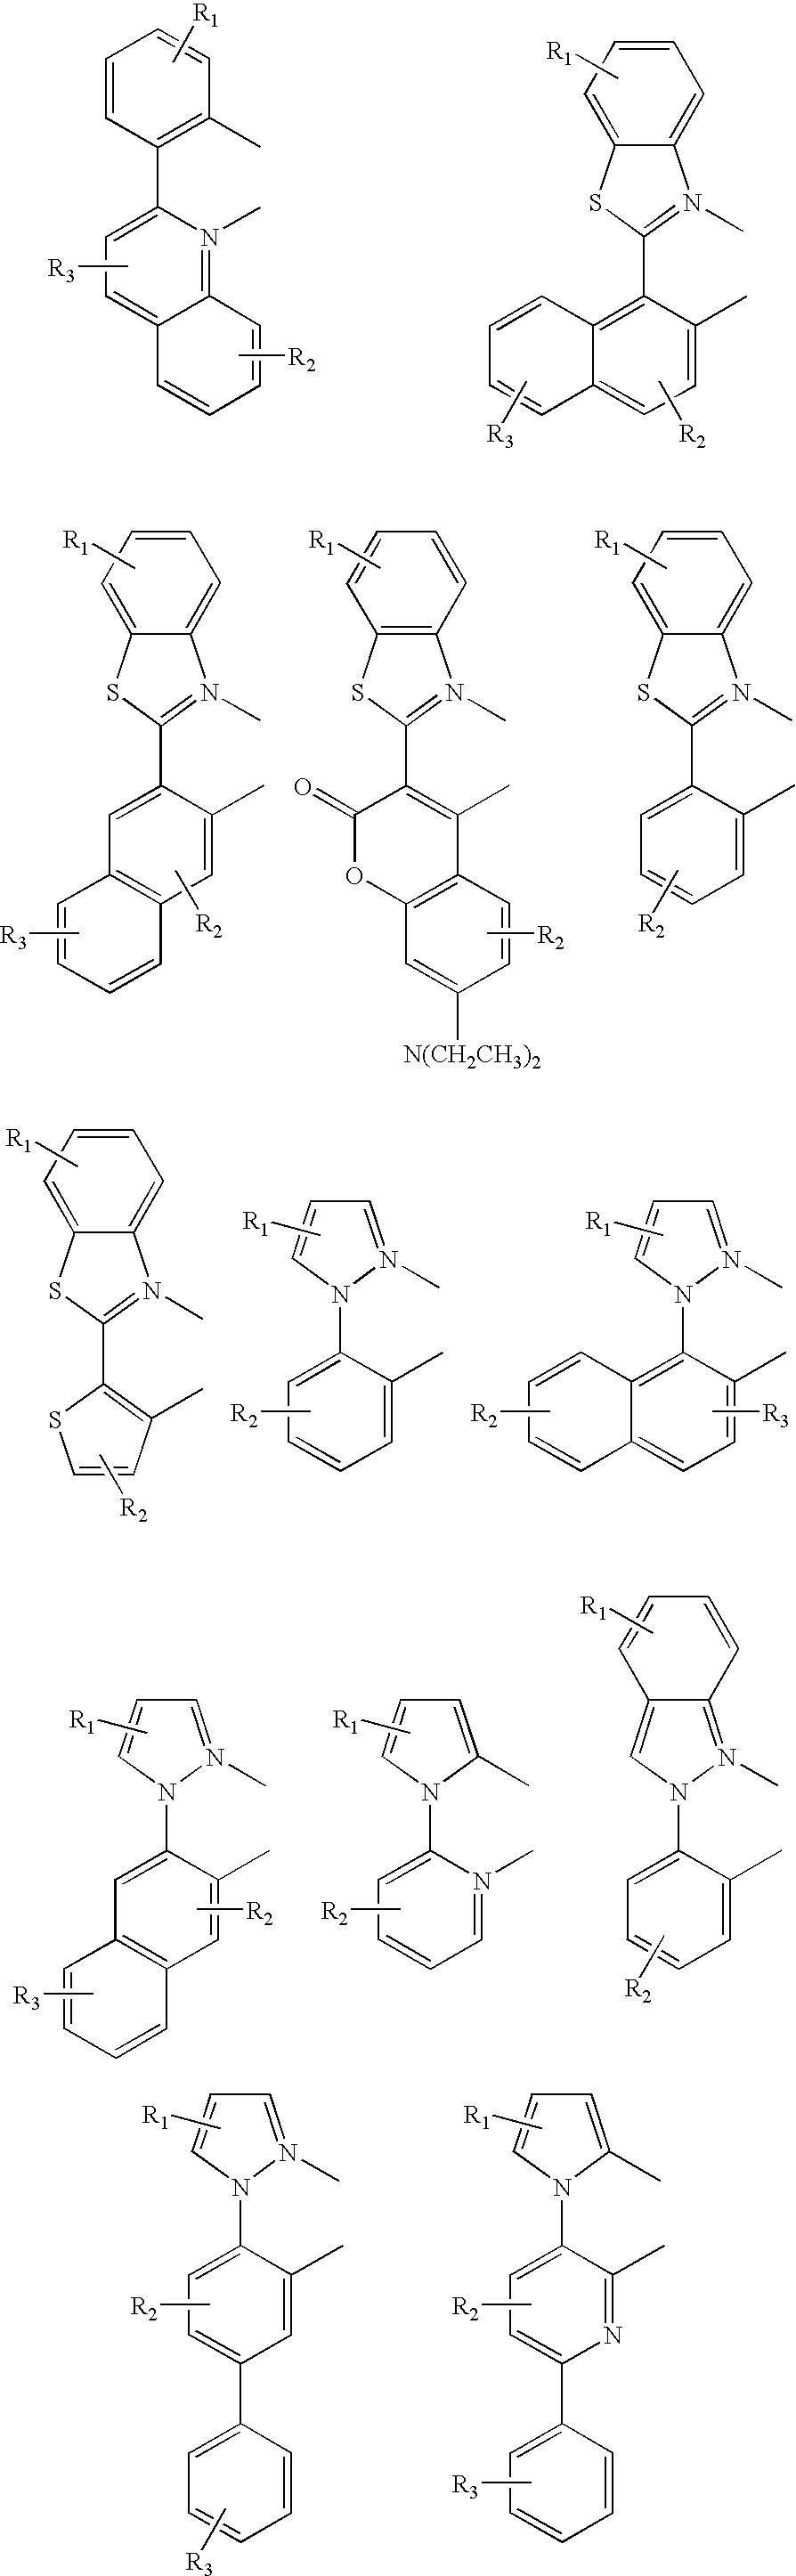 Figure US20050112406A1-20050526-C00055